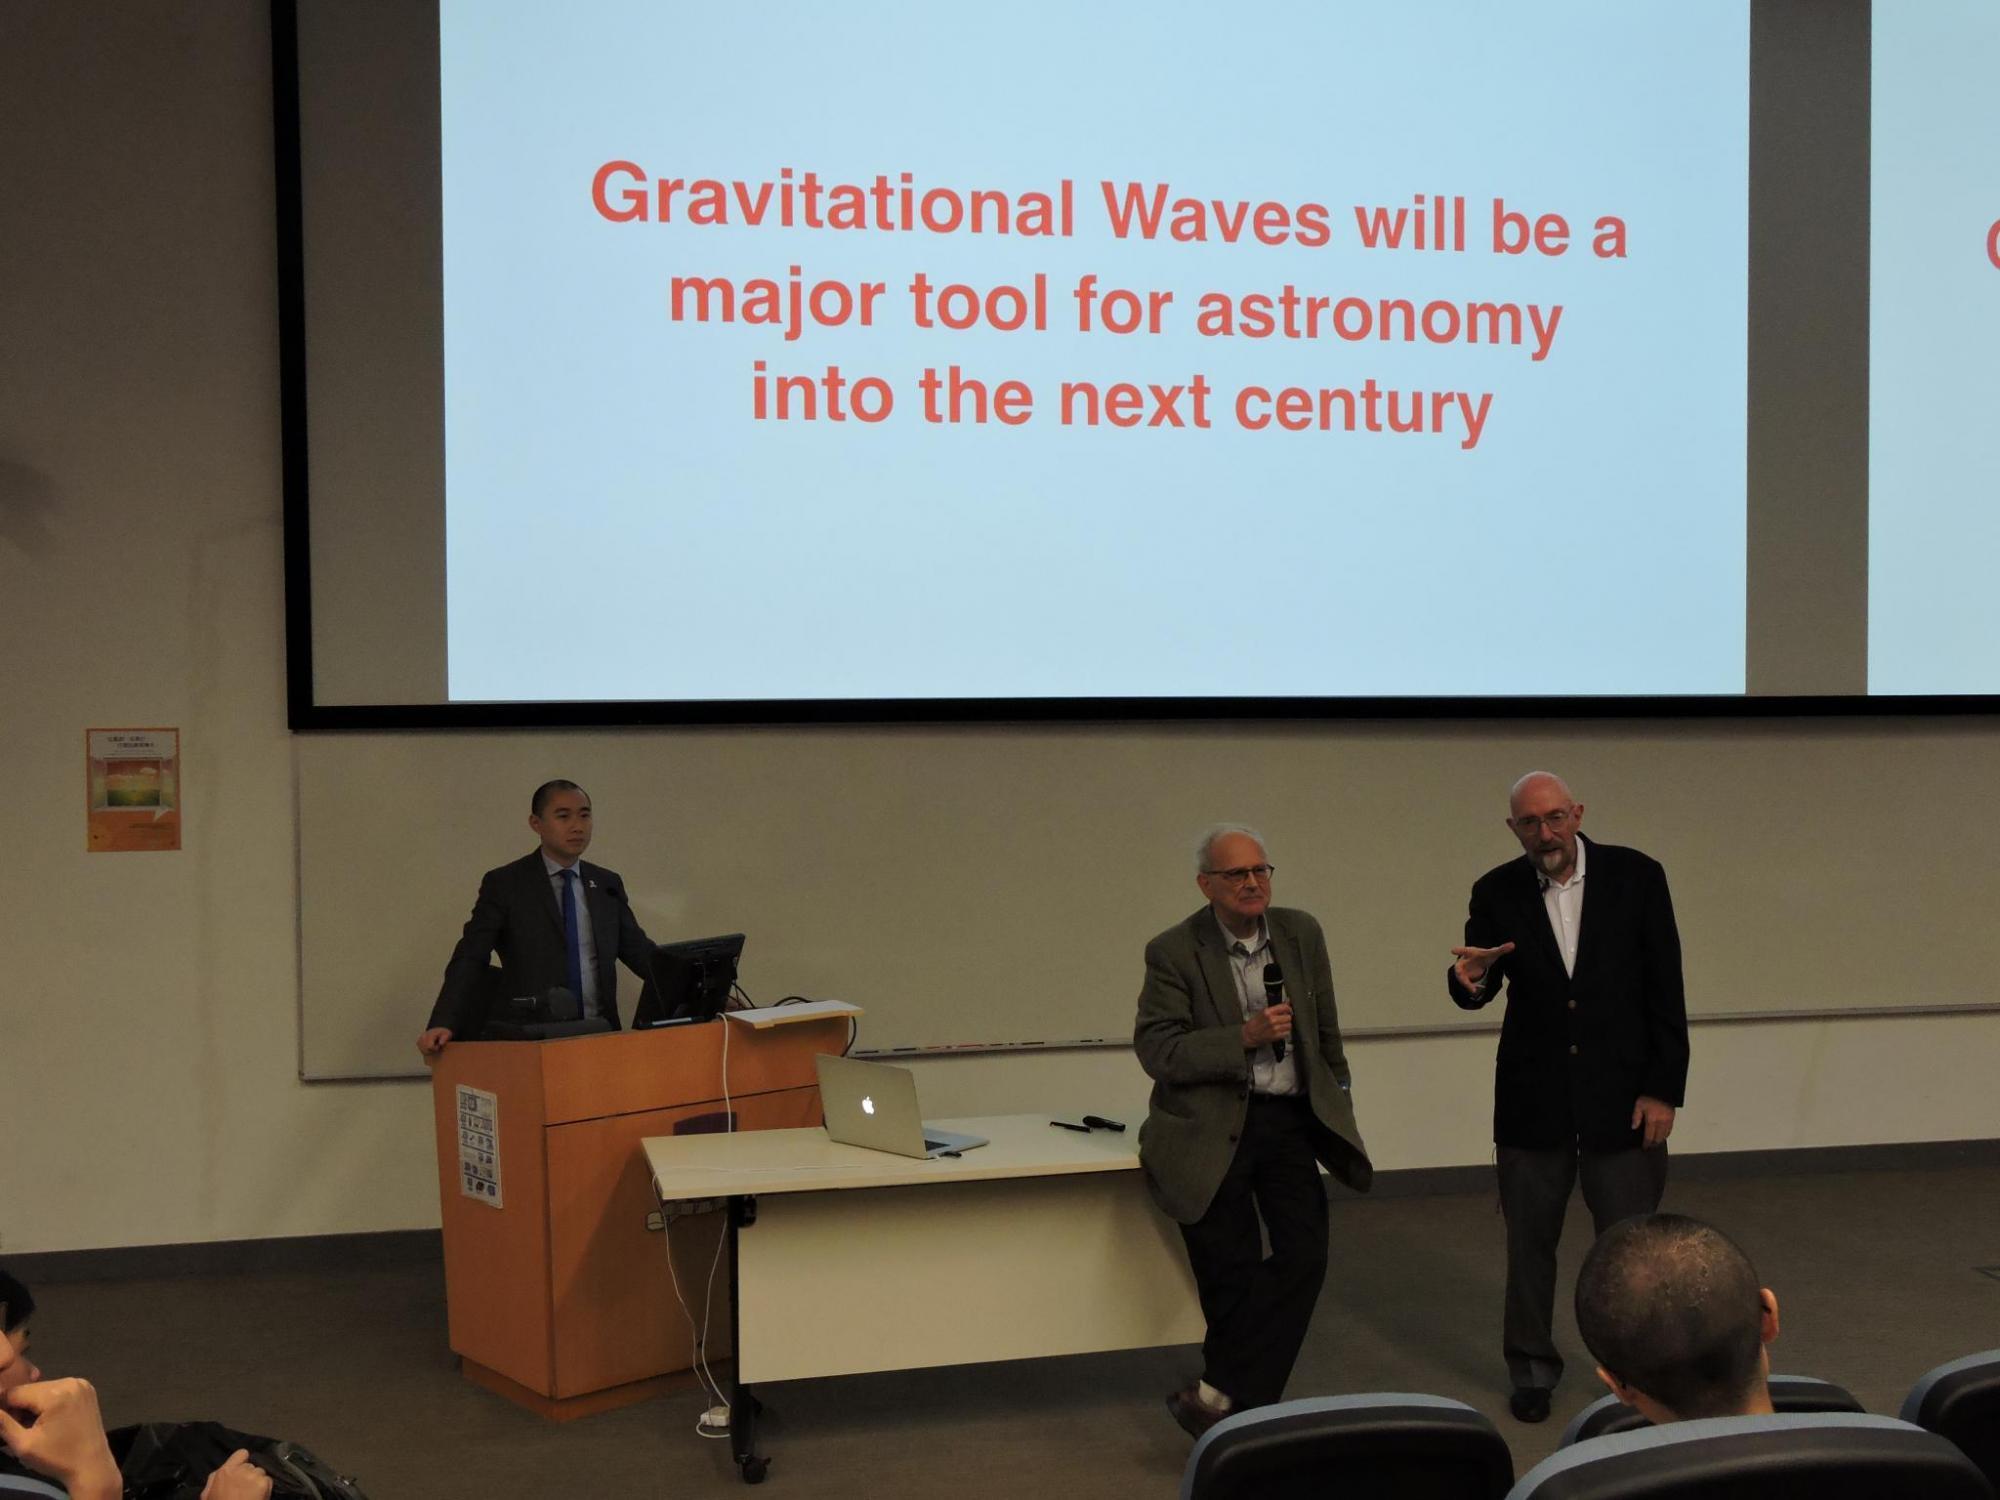 雷納·韋斯教授 (中) 及基普·索恩教授 (右) 於2016年到訪中大,出席由中大物理系助理教授黎冠峰教授 (左)主持的講座,講解重力波的最新研究。